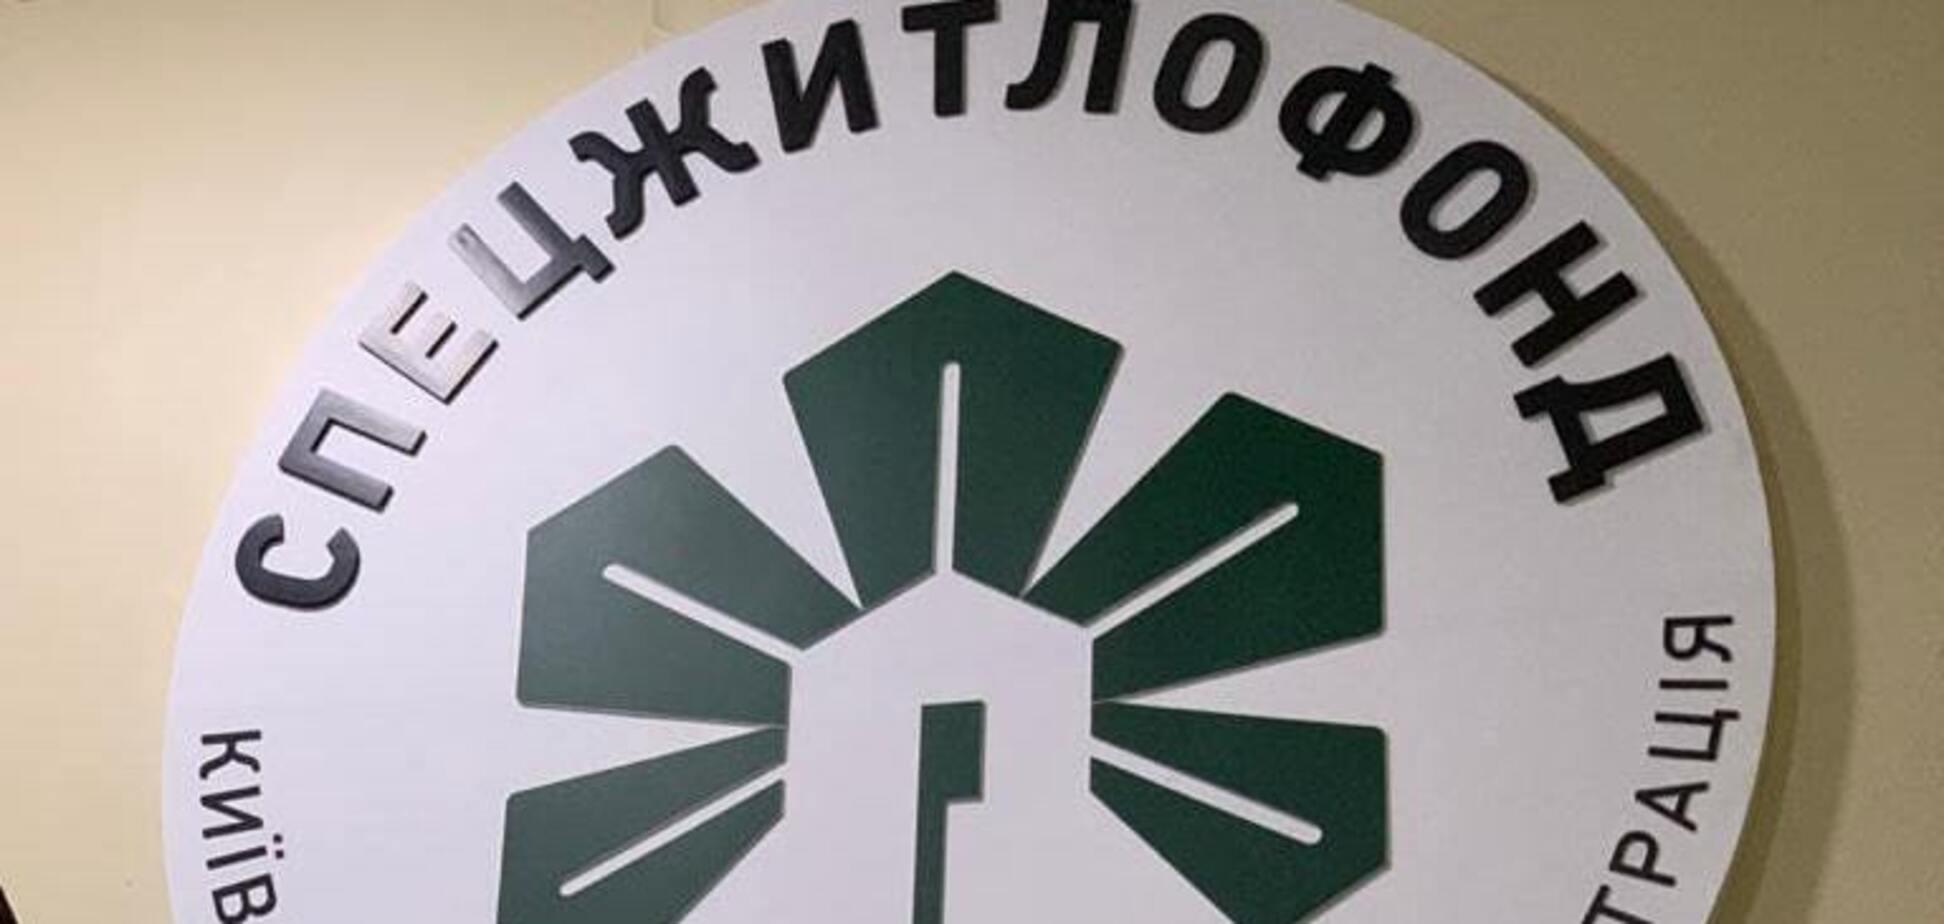 В Спецжилфонде прошли обыски: дело на 10 млн гривен